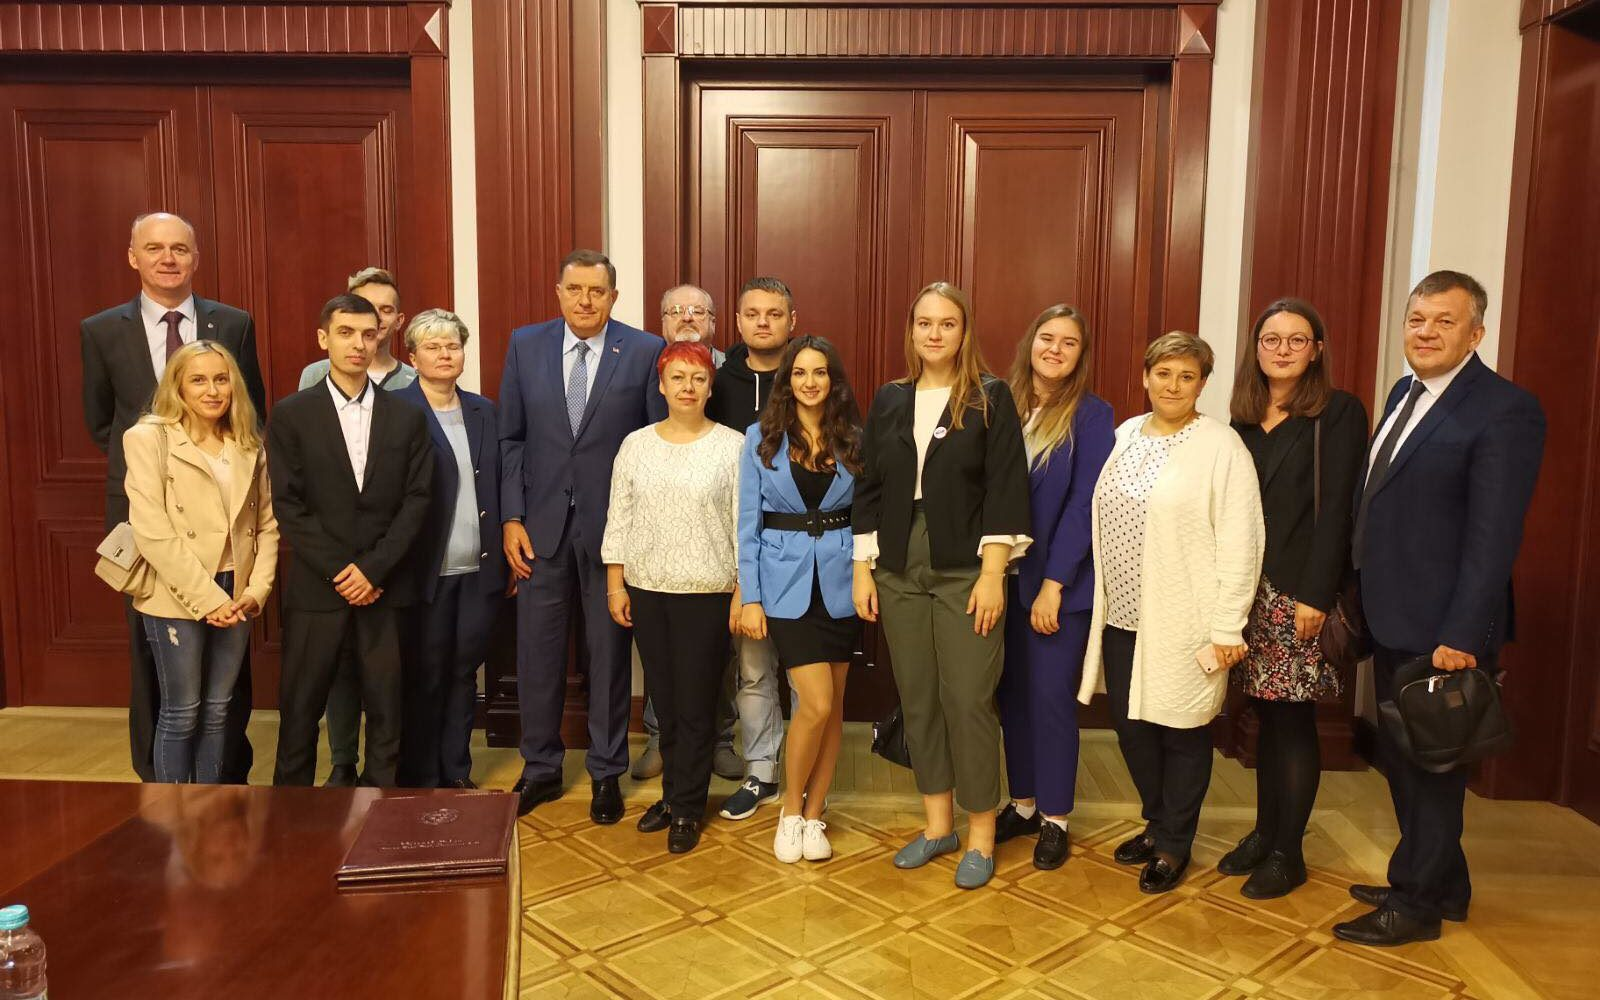 Професоре и студенте из Русије који су гости Факултета безбједносних наука примио српски члан Предсједништва